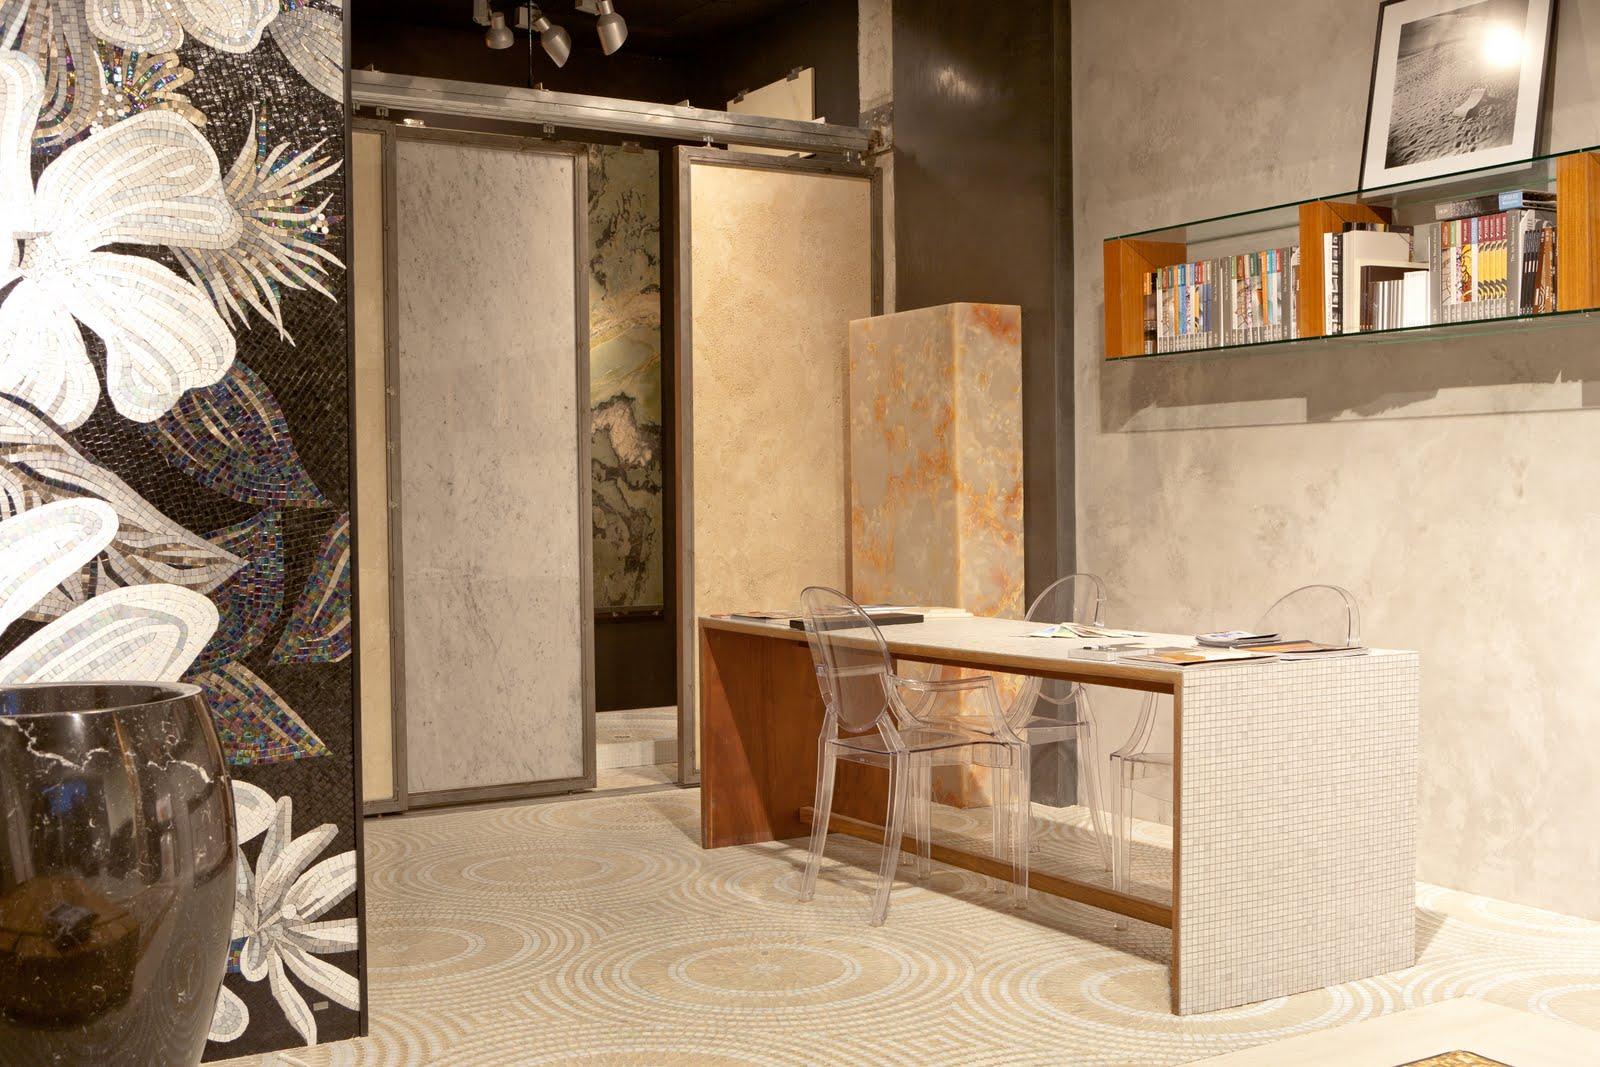 Showroom de interiorismo hermai de lafont arquitectos for Revista habitat arquitectura diseno interiorismo